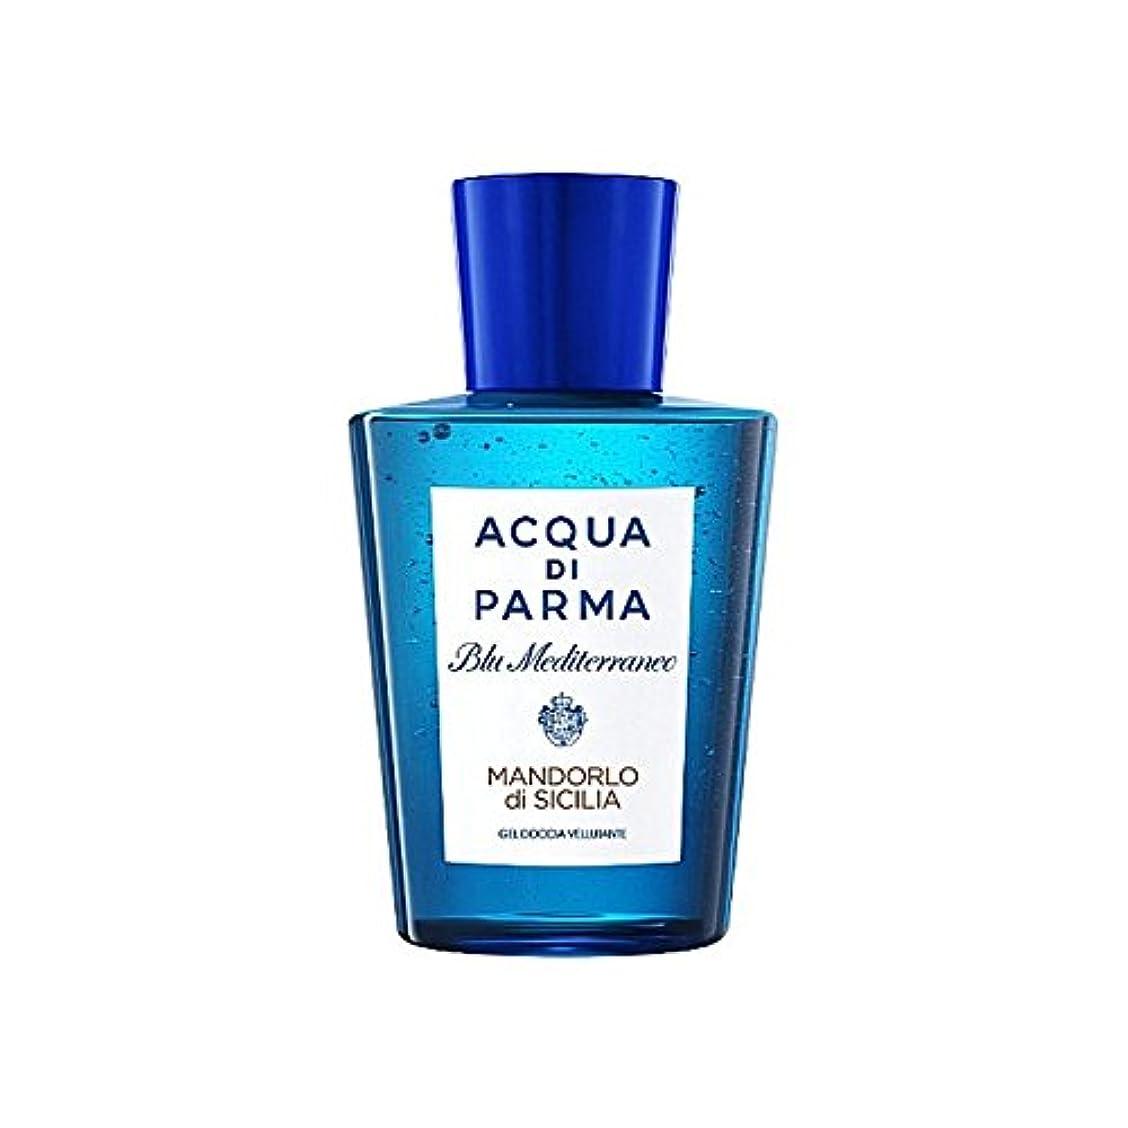 刺します休憩発火するAcqua Di Parma Blu Mediterraneo Mandorlo Di Sicilia Shower Gel 200ml - アクアディパルマブルーメディマンドルロディシチリアシャワージェル200 [並行輸入品]